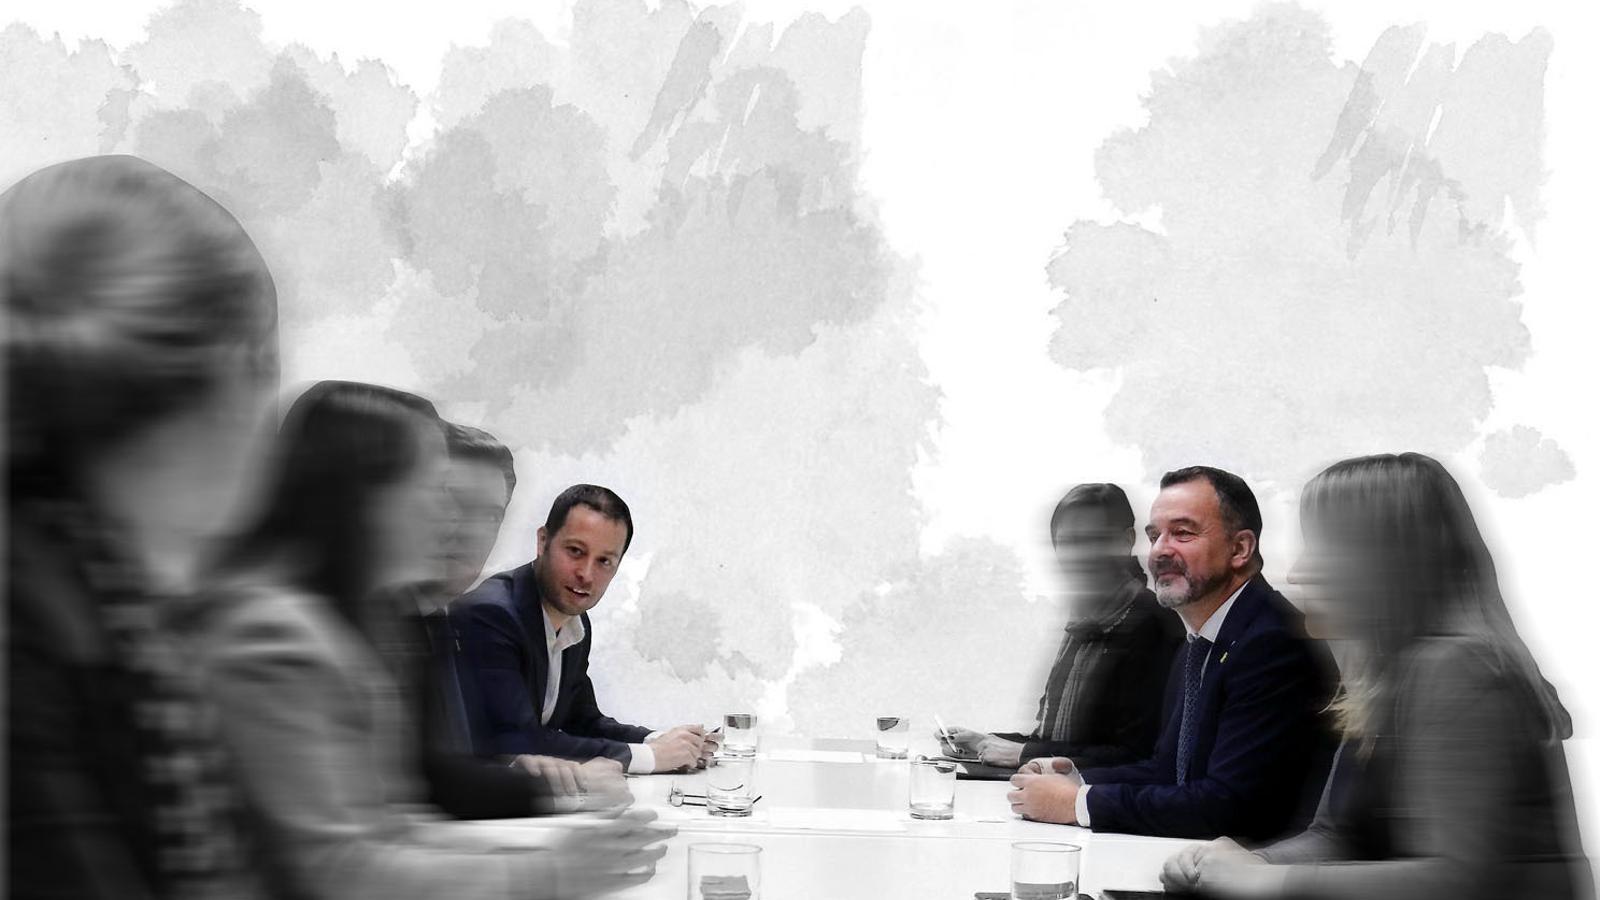 Imatge tractada digitalment a partir d'una foto d'arxiu, on es veu a Carles Garcias Hernández amb Alfred Bosch a una reunió de treball